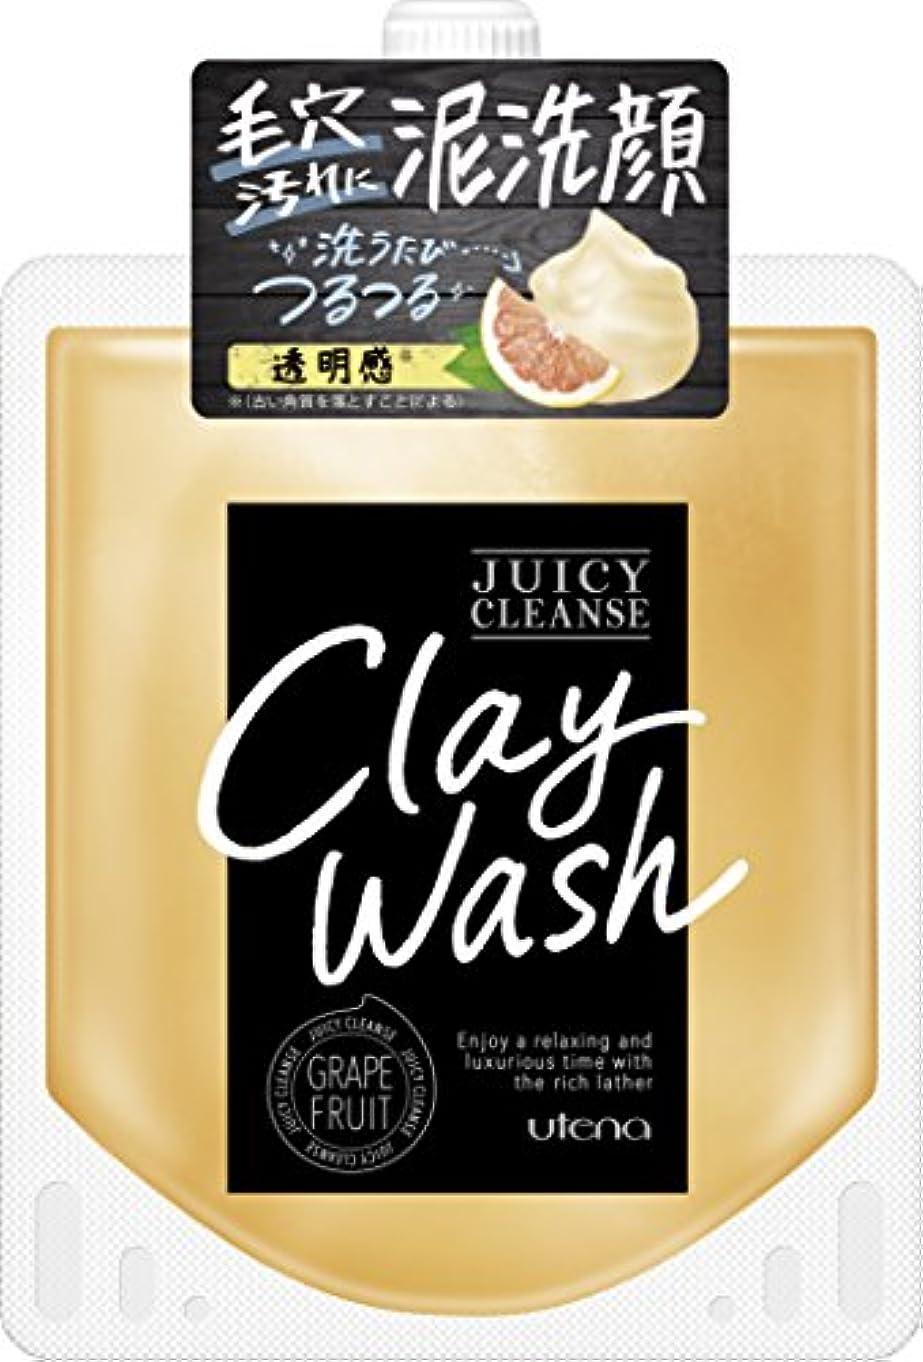 ペインティング拷問拒否JUICY CLEANSE(ジューシィクレンズ) クレイウォッシュ グレープフルーツ 110g